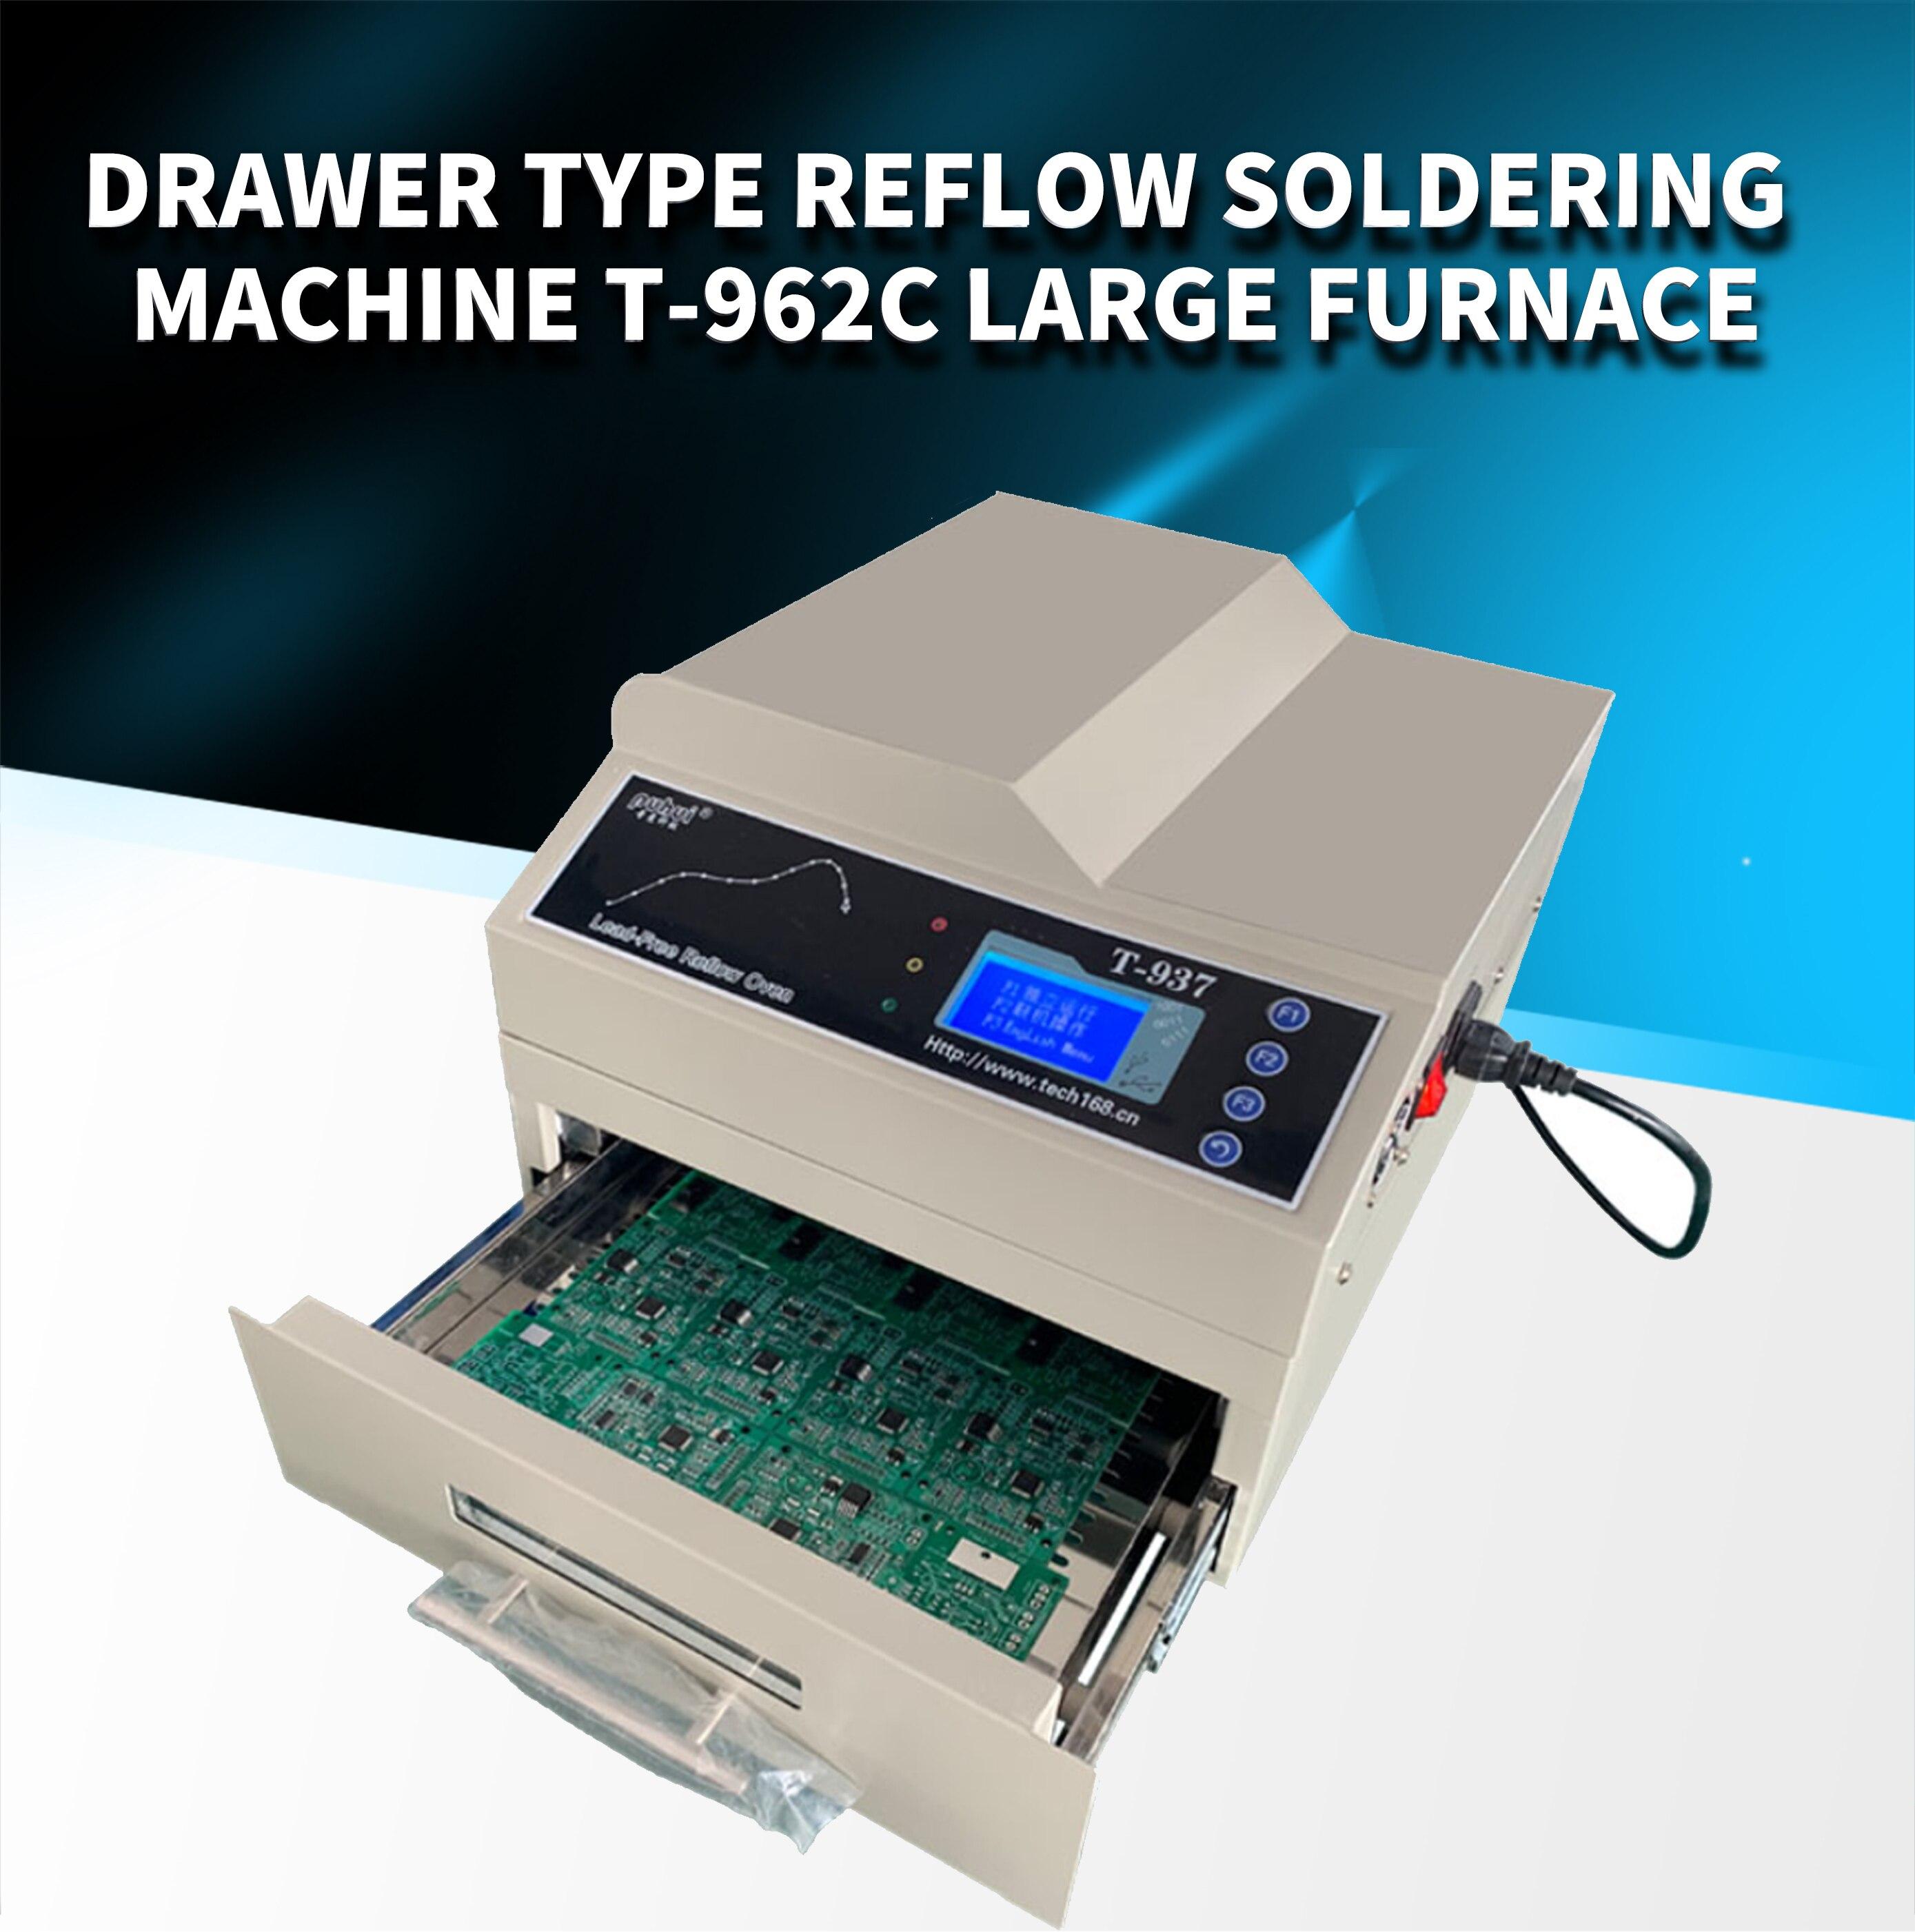 جديد PUHUI أذن T-937 Leadfree Relow فرن الأشعة تحت الحمراء IC سخان T937 لحام إنحسر بغا SMD SMT إعادة صياغة التعويضات المالية T 937